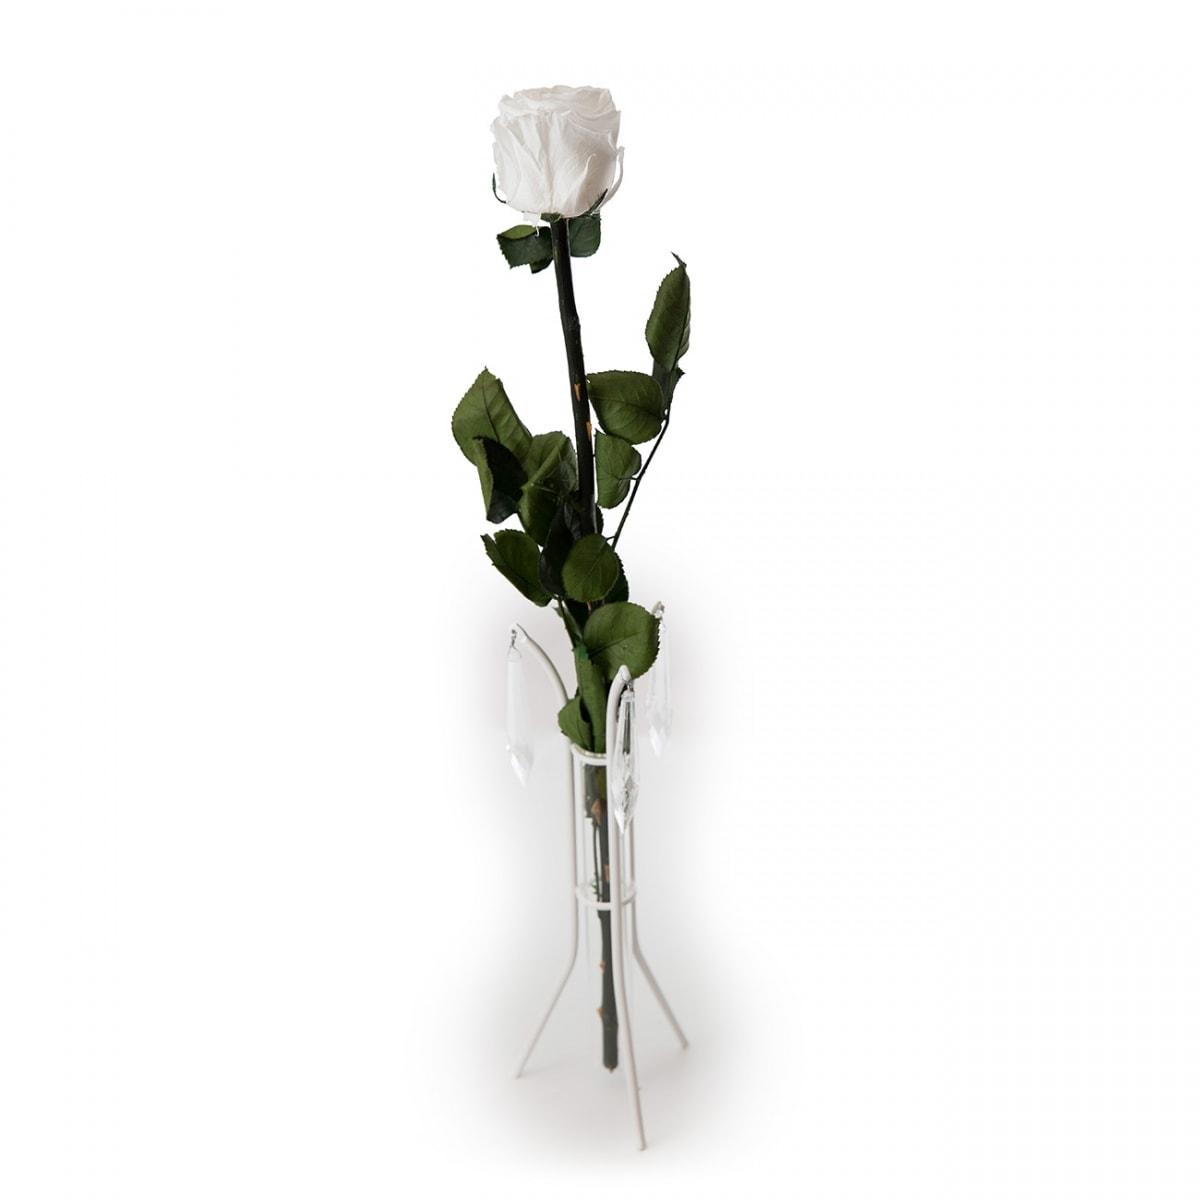 üksik roos king size